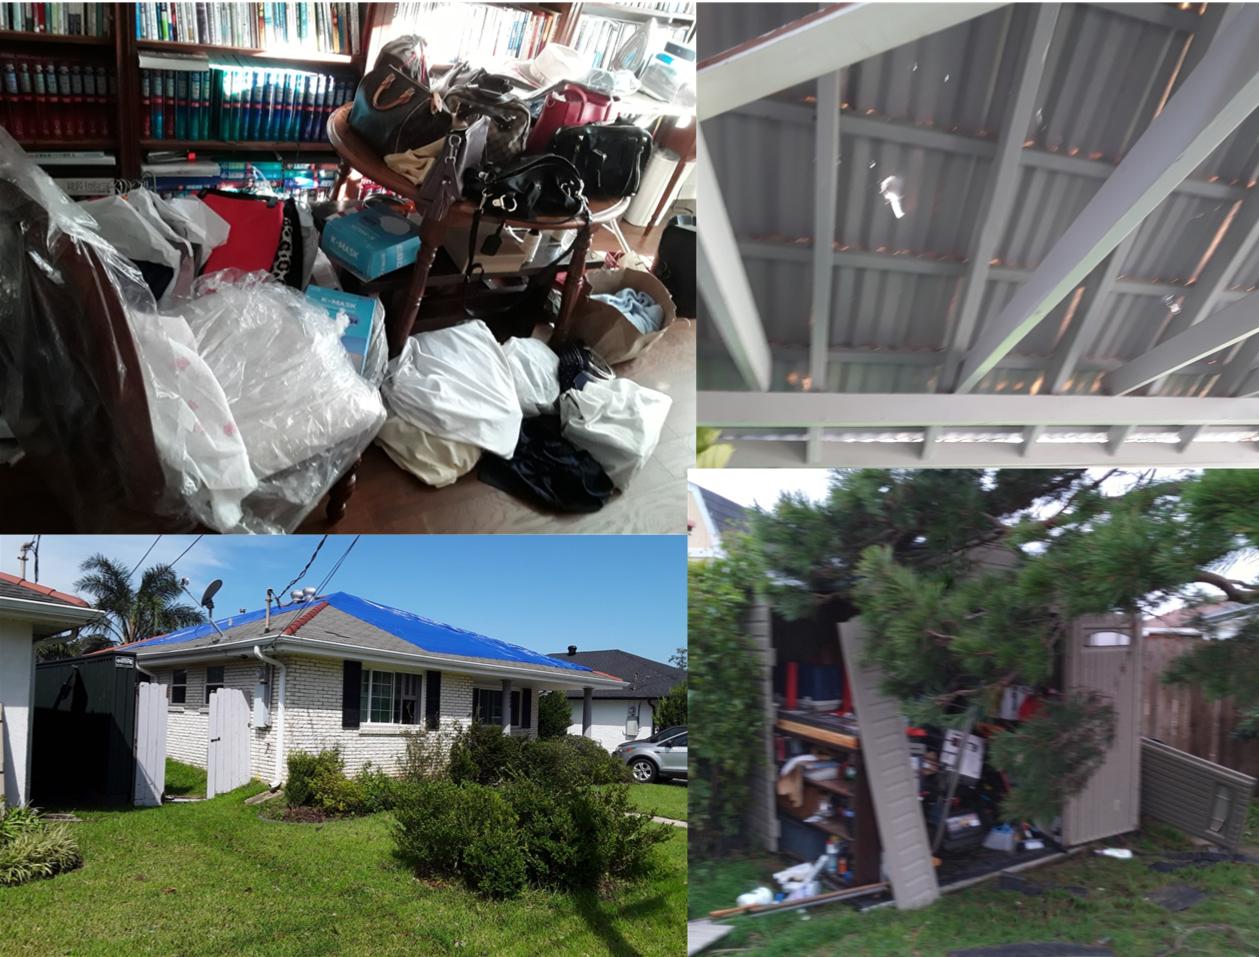 뉴올리언즈 한인연합감리교회의 사택과 교회의 파손된 모습 콜라쥐. 사진 제공, 이동섭 목사